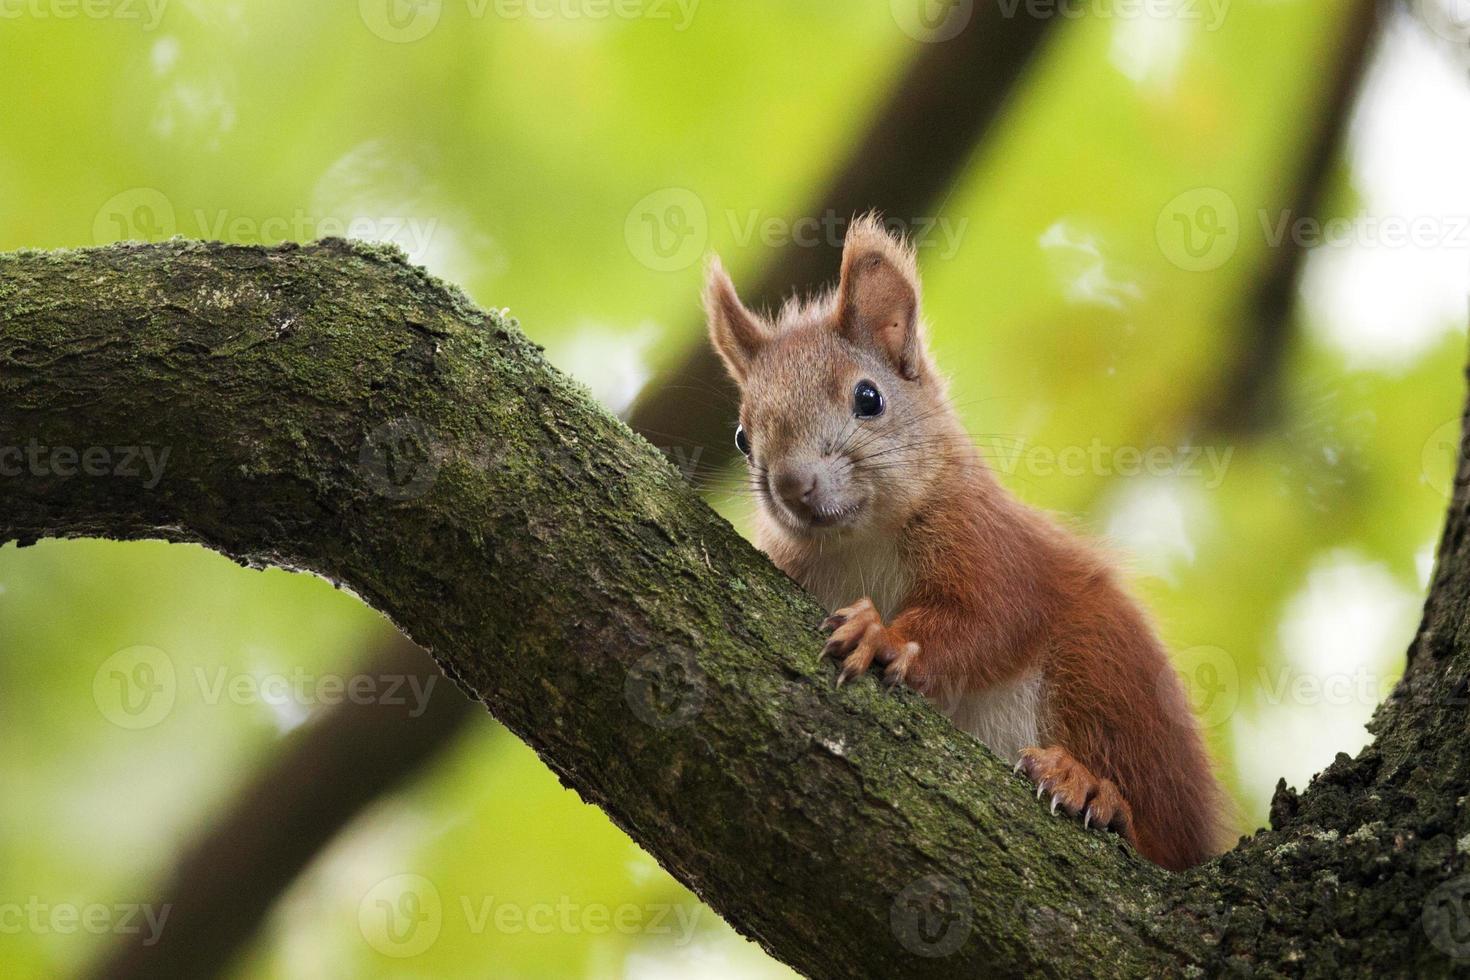 lo scoiattolo rosso in una foresta. foto